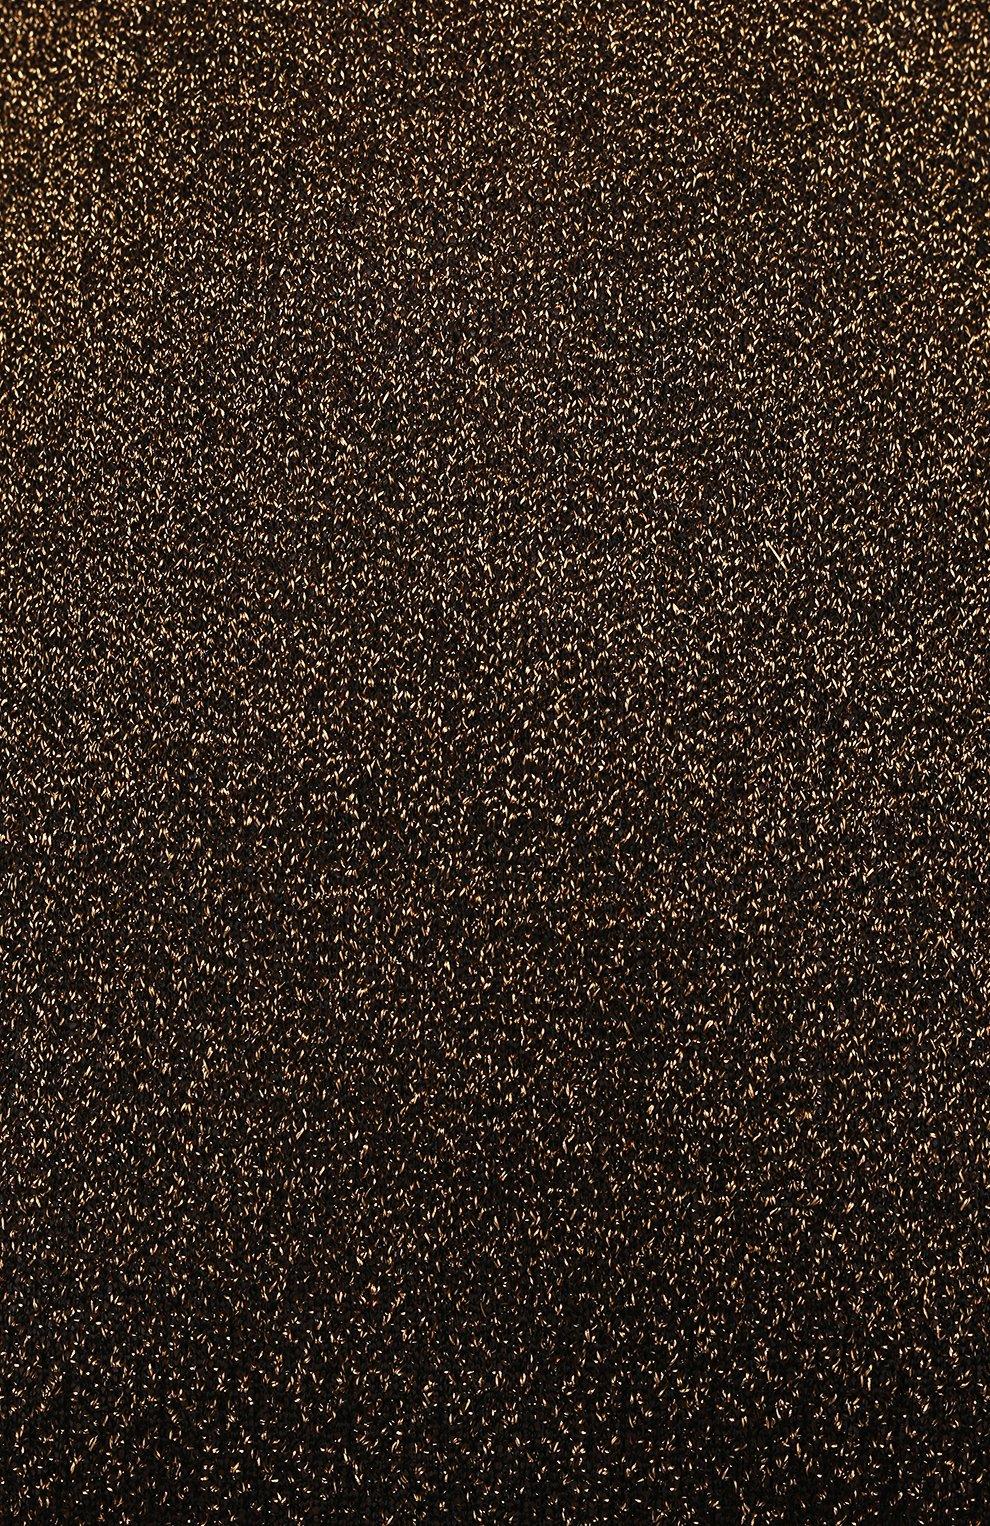 Женское платье PACO RABANNE бронзового цвета, арт. 21PMR0317ML0065 | Фото 5 (Рукава: Длинные; Стили: Гламурный; Случай: Вечерний; Материал внешний: Синтетический материал, Вискоза; Кросс-КТ: Трикотаж; Длина Ж (юбки, платья, шорты): Макси; Женское Кросс-КТ: Платье-одежда)